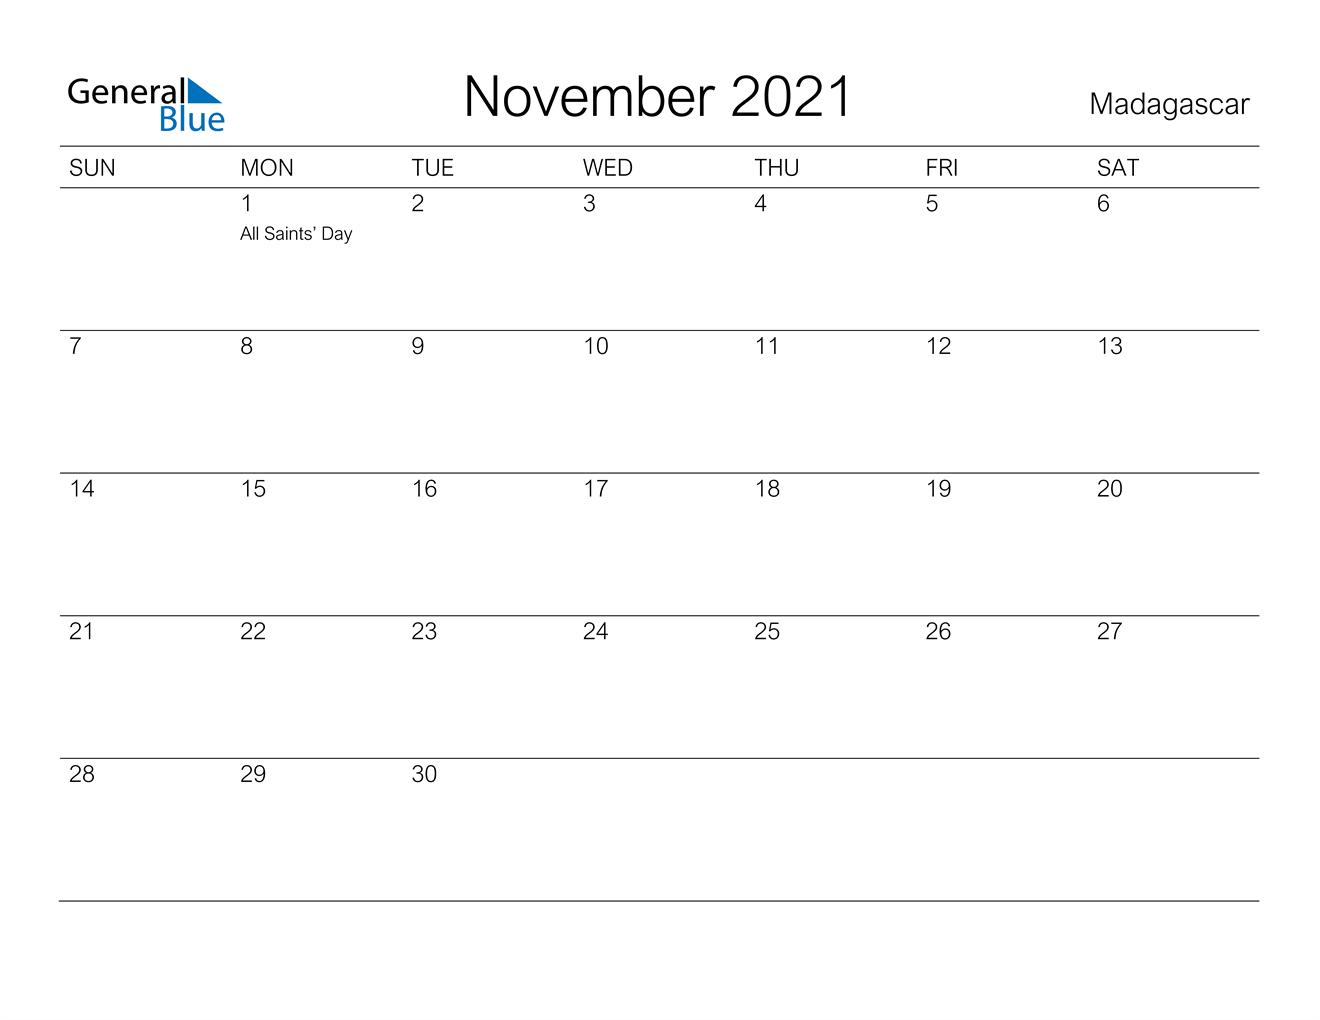 November 2021 Calendar - Madagascar